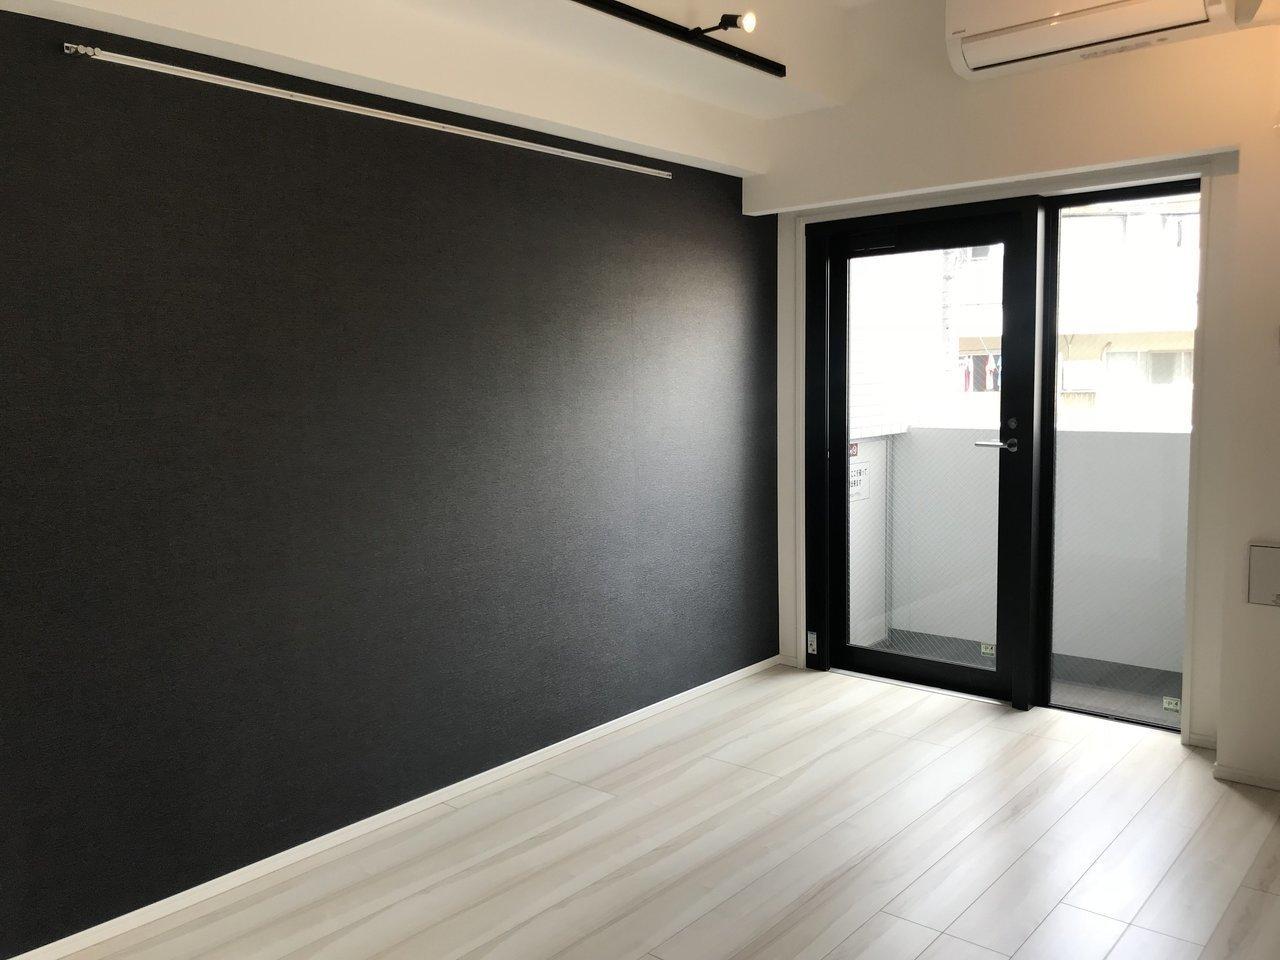 ご紹介する物件は駅から徒歩4分のところにありました。壁一面が漆黒で引き締められた、モノトーンがベースの1Kのデザイナーズ物件です。